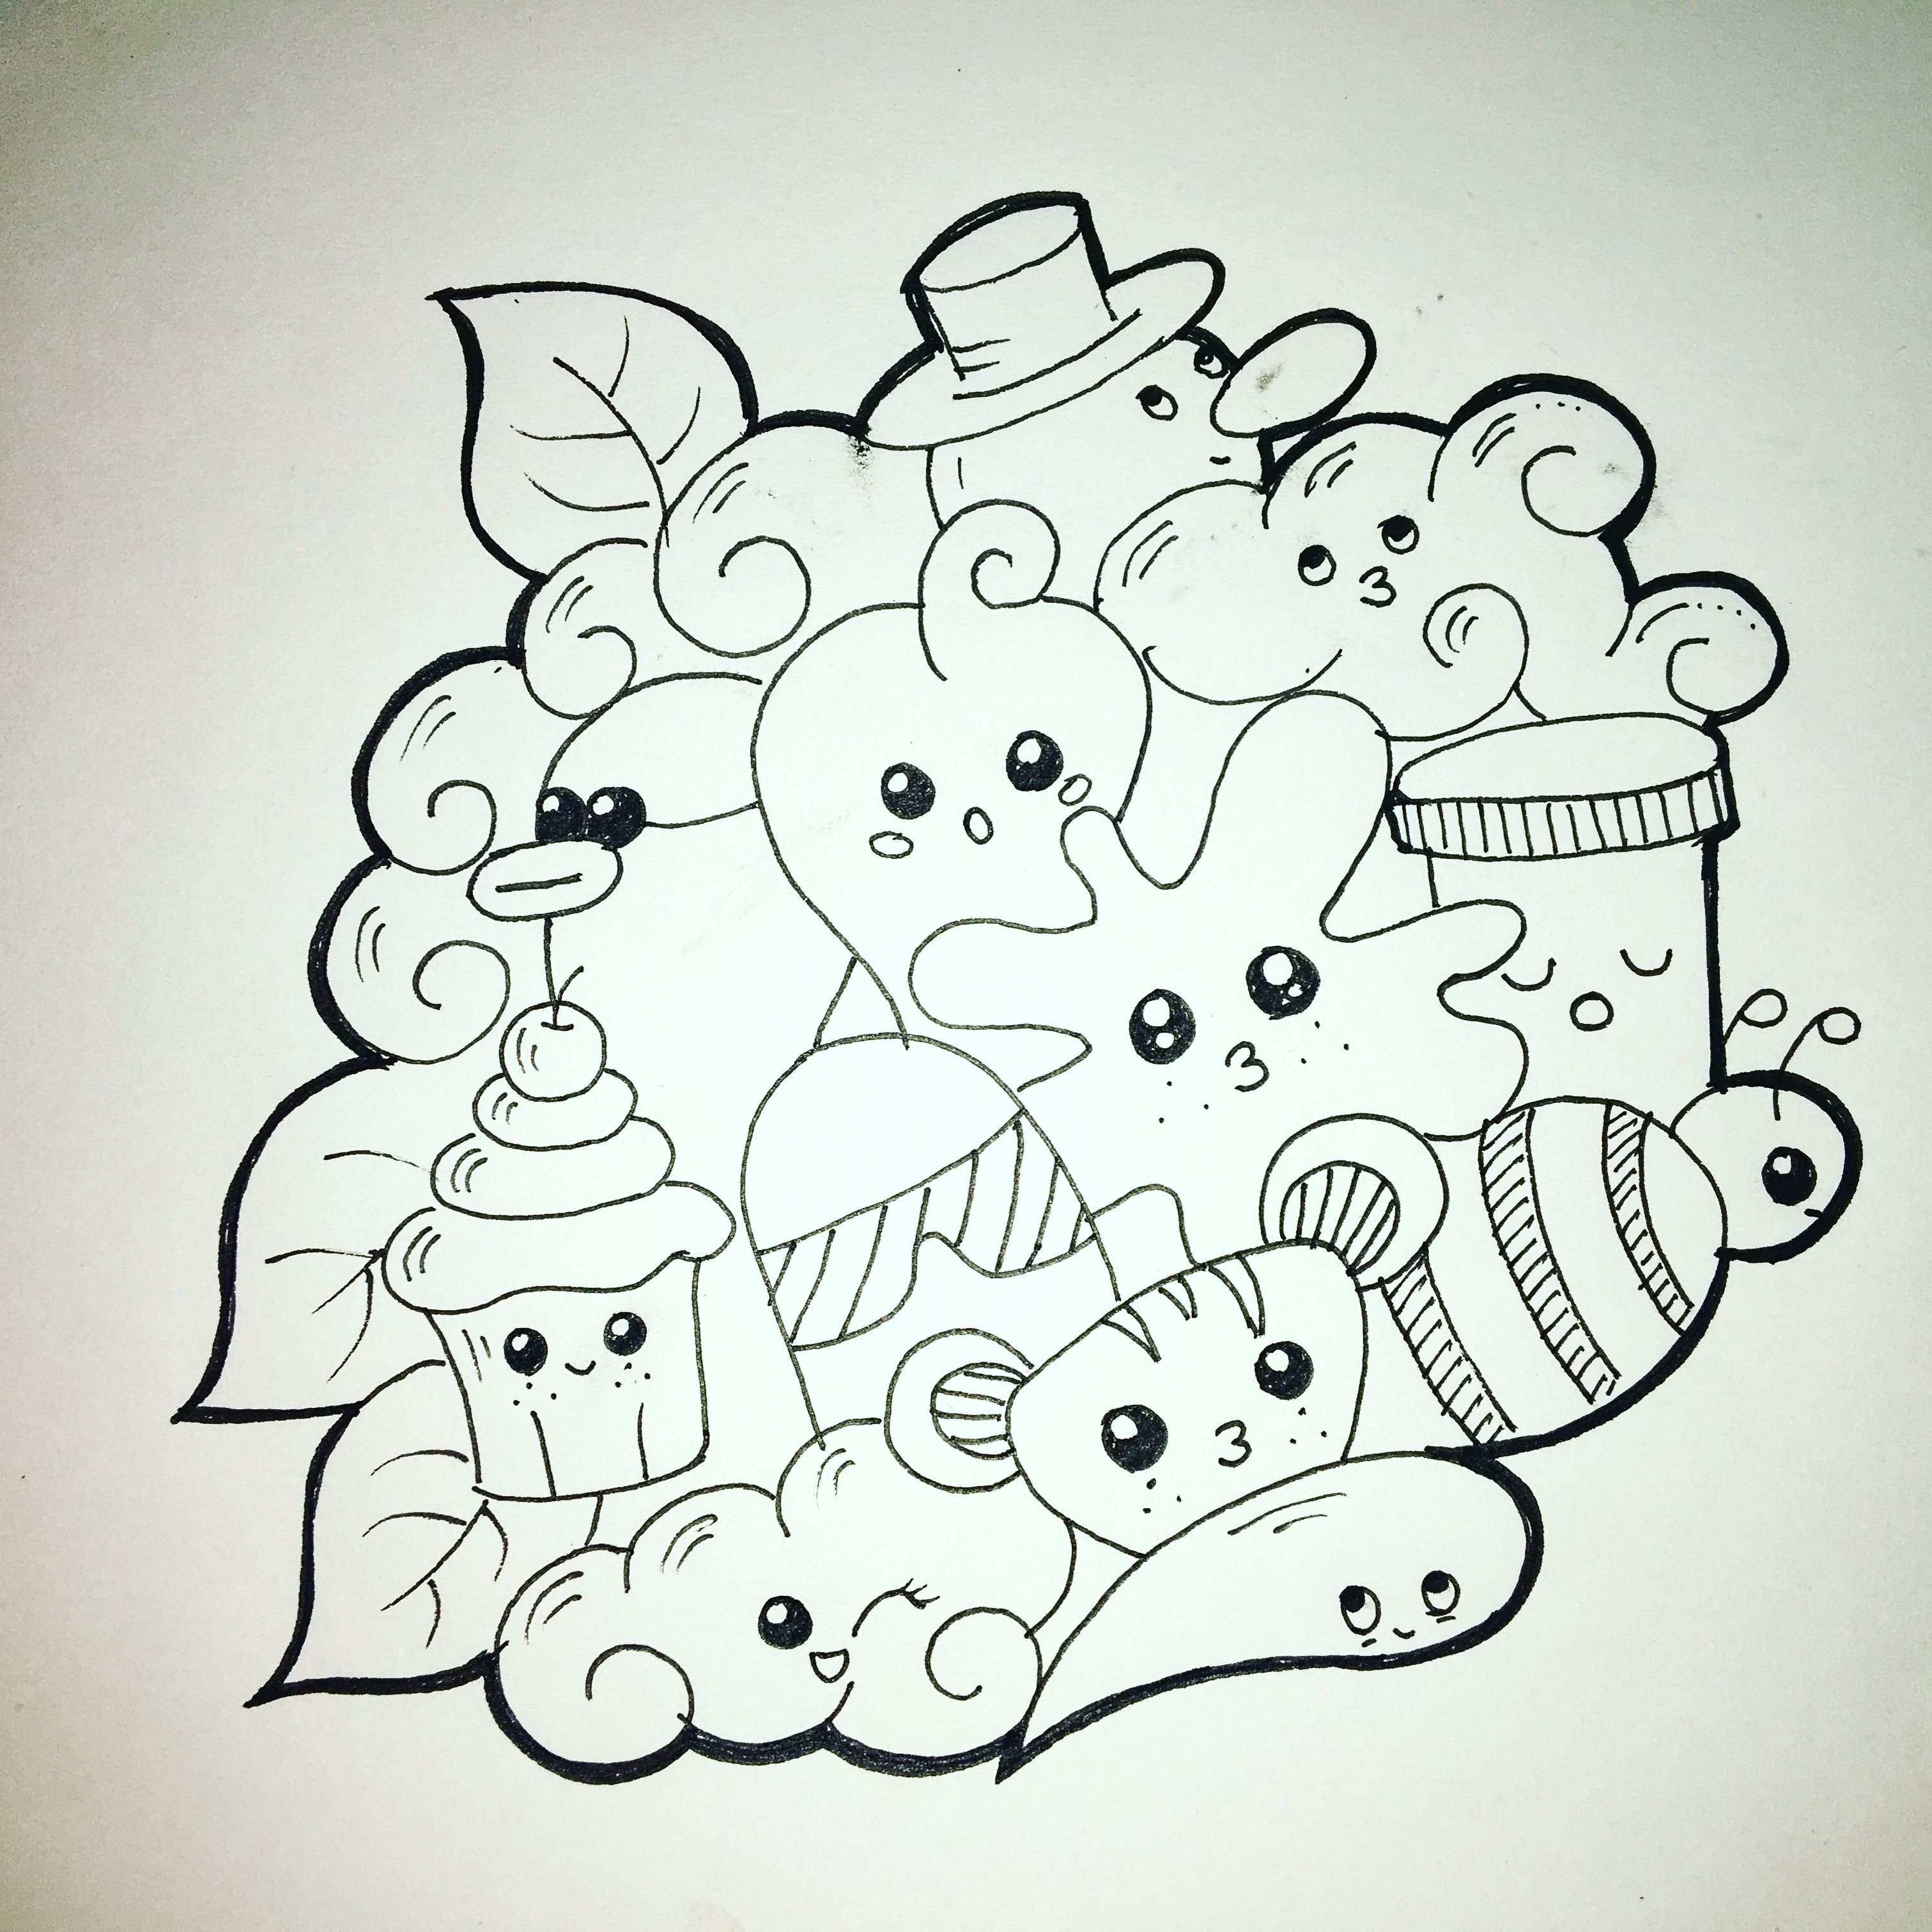 Mental Health Drawings Easy